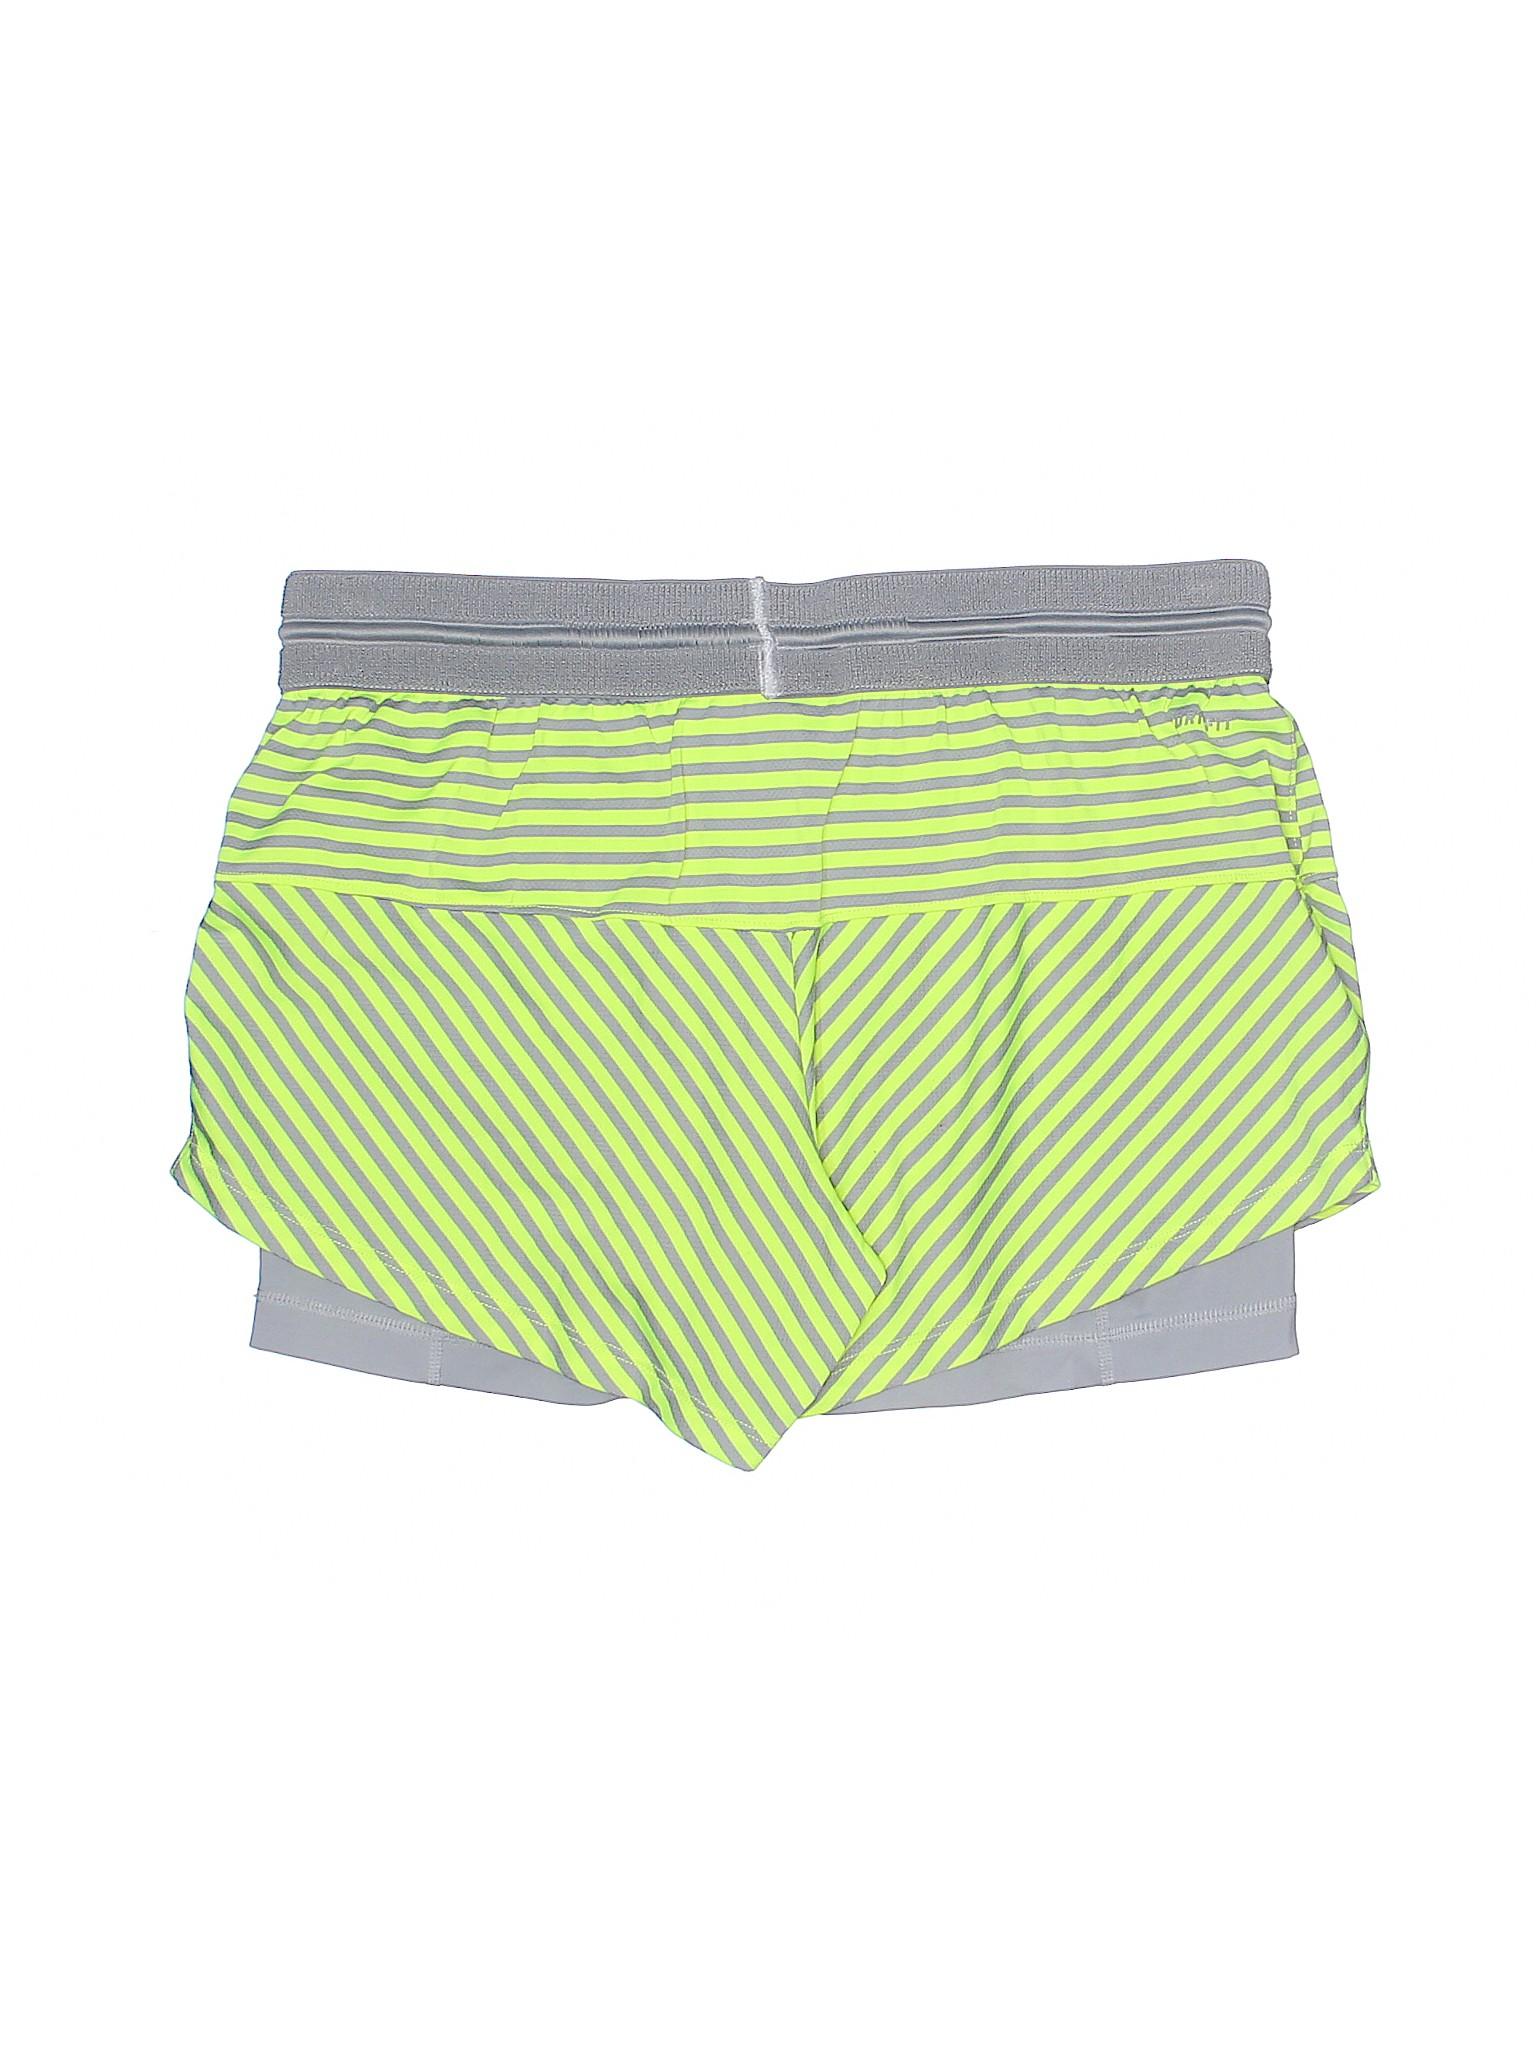 Boutique Nike Athletic Shorts Boutique Athletic Nike Shorts qxTRzwx